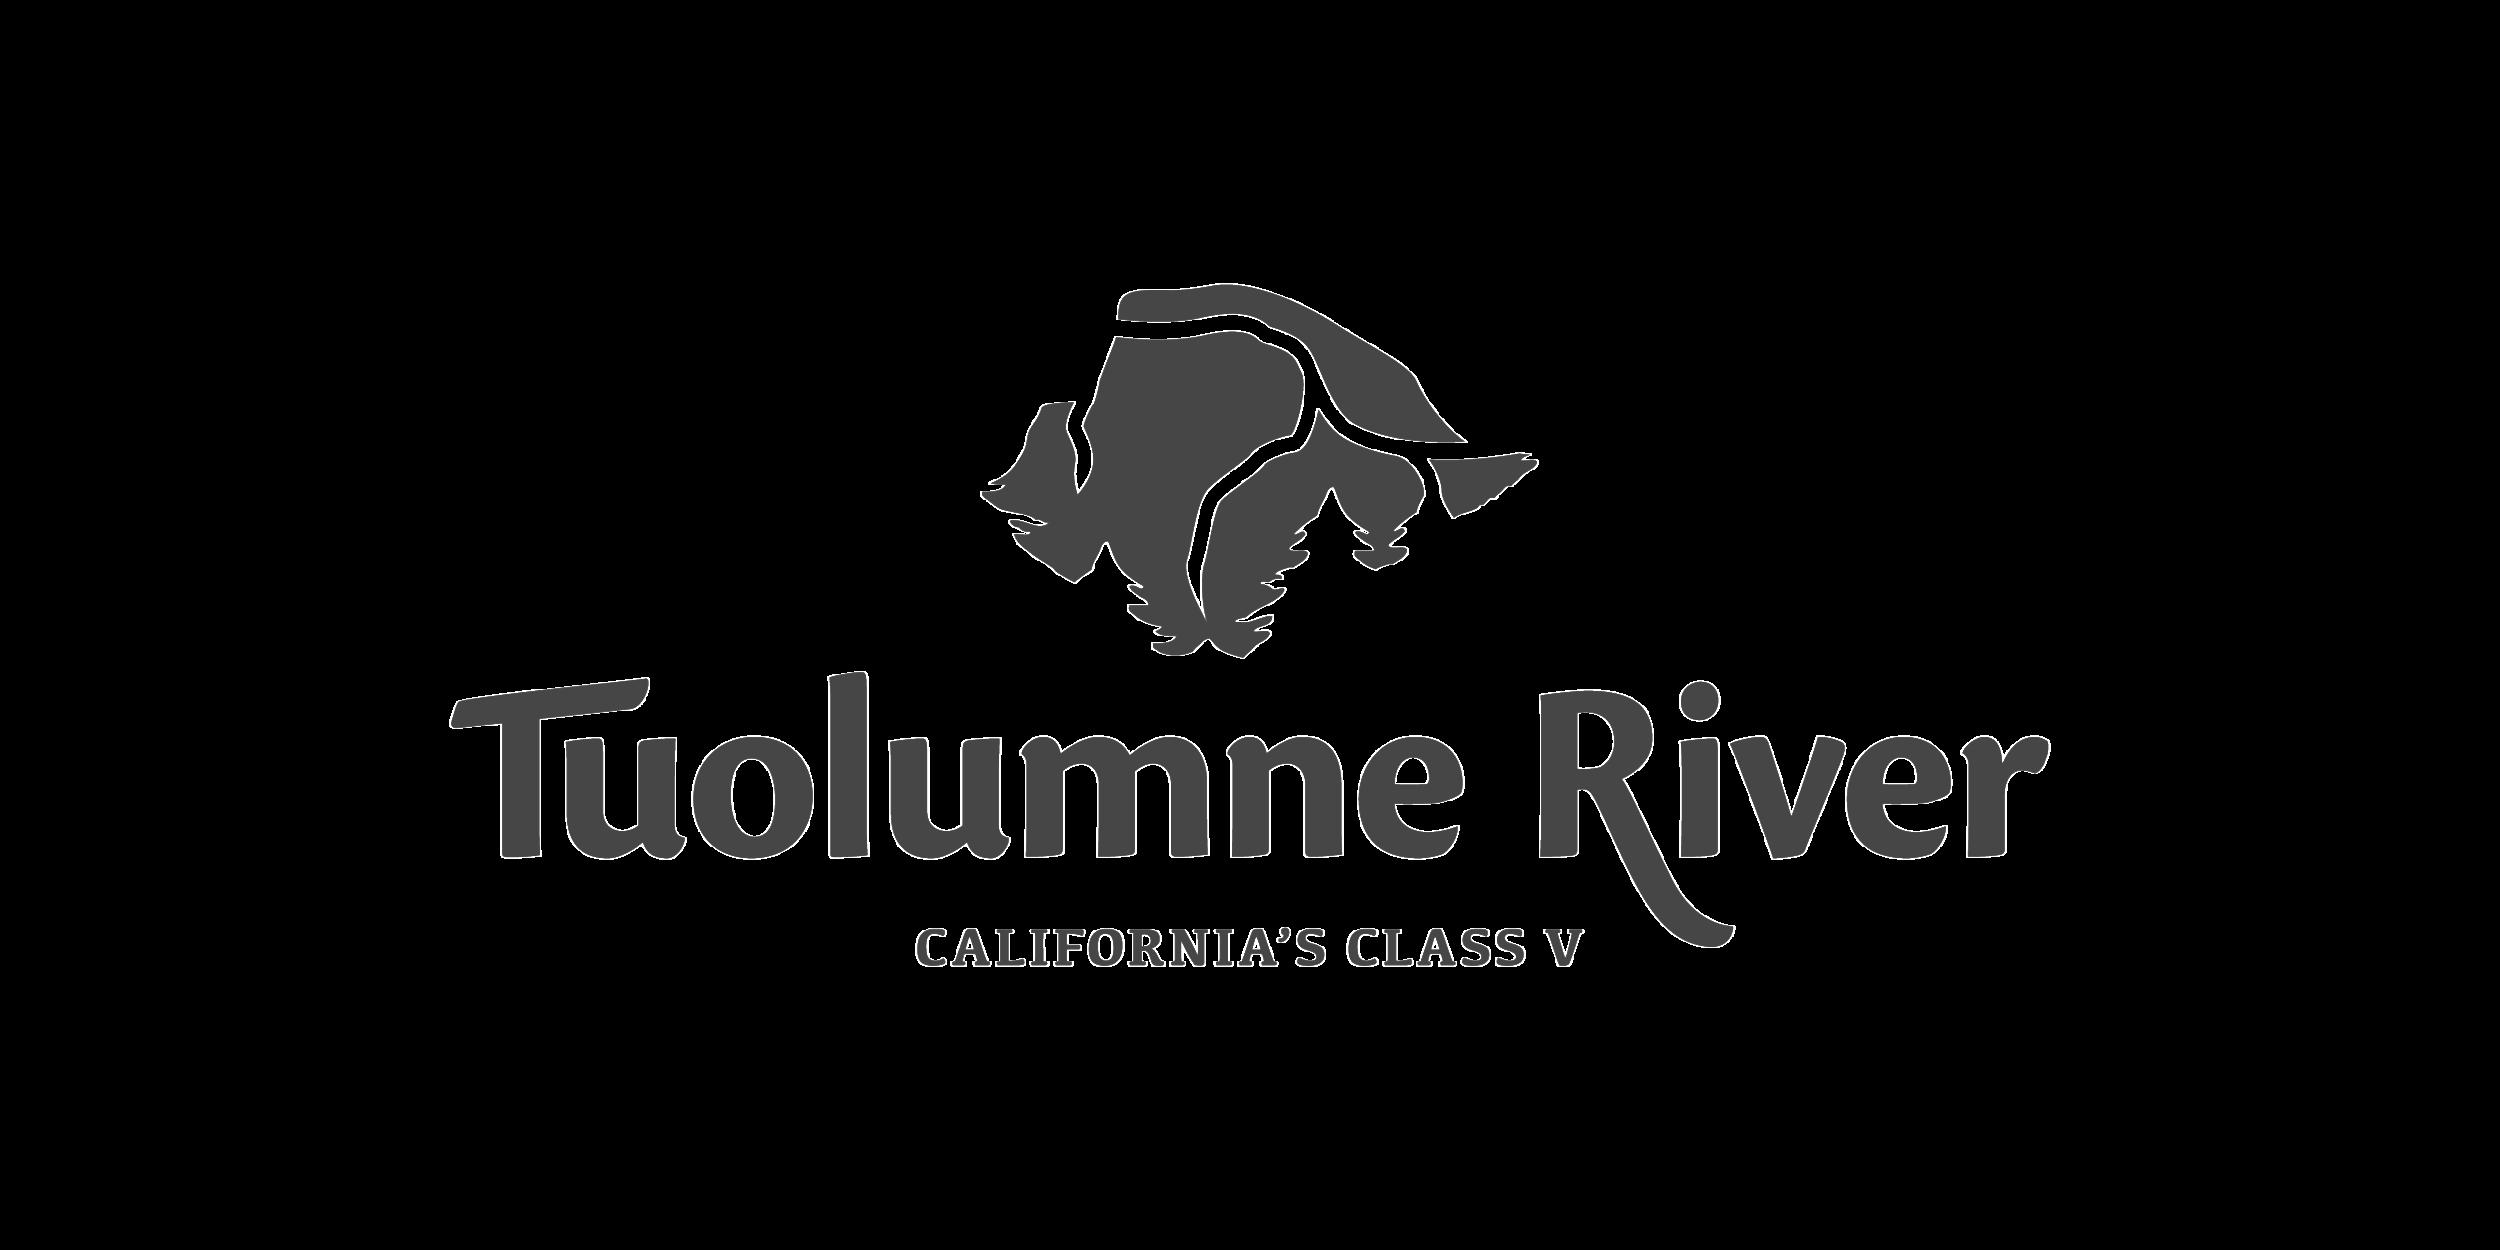 tuolumne_river.png